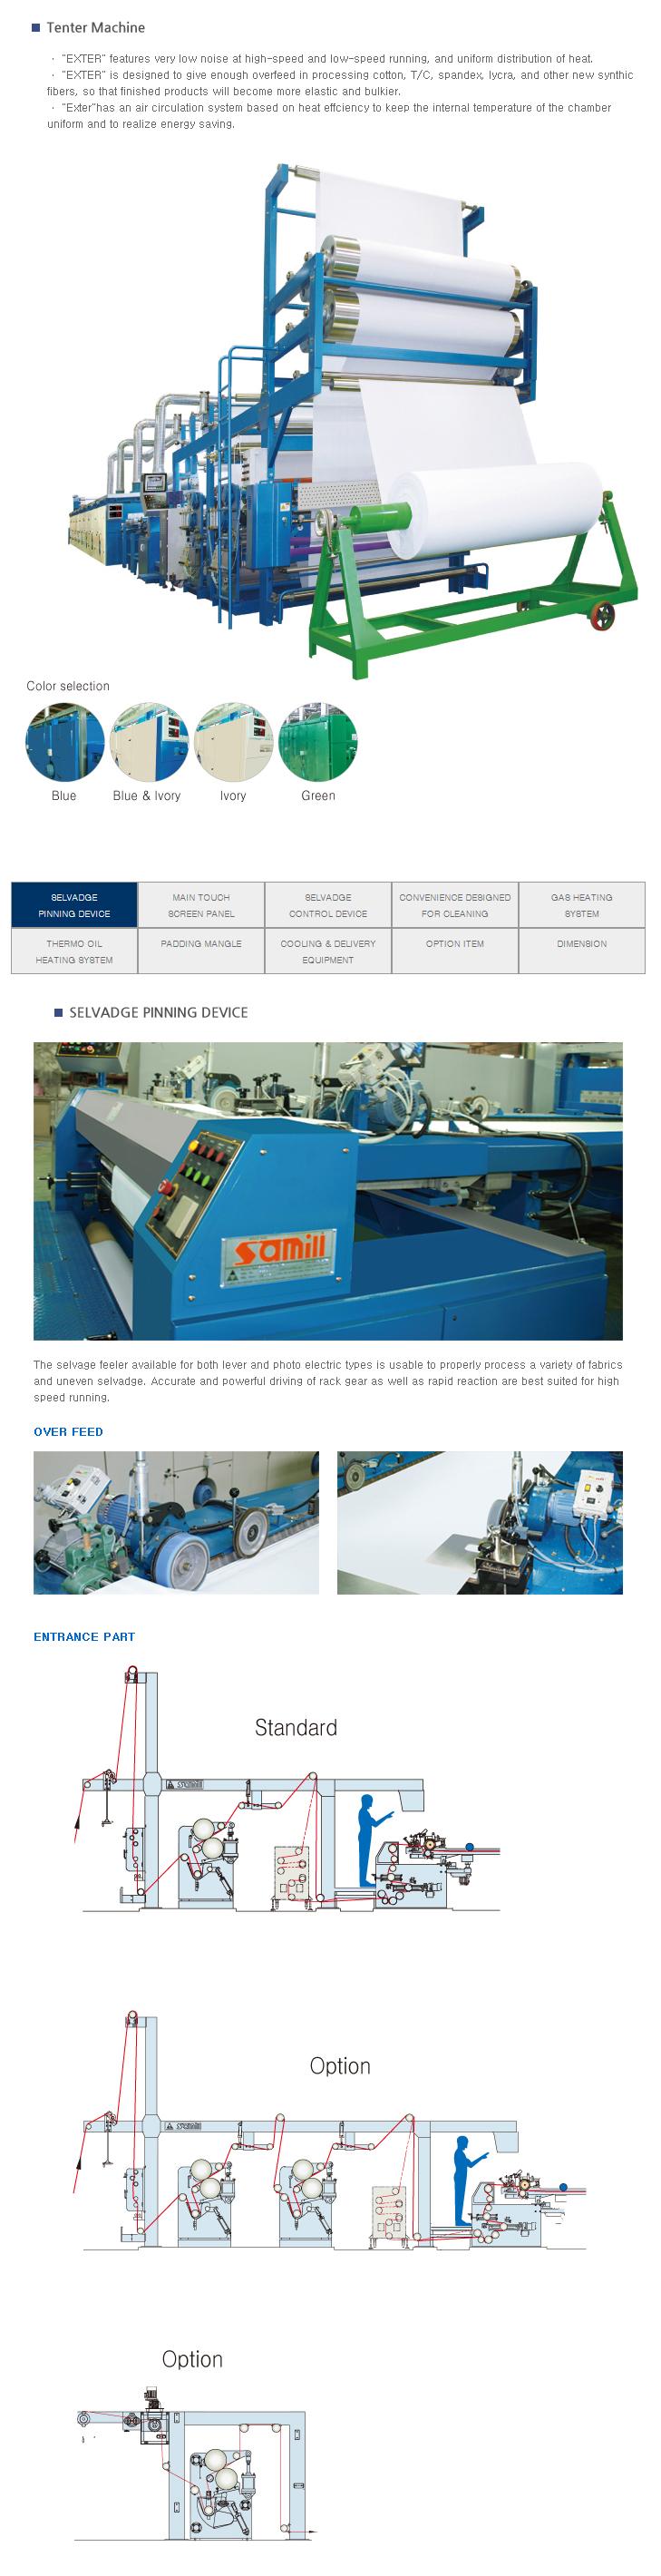 SAMIL MACHINERY Tenter Machine